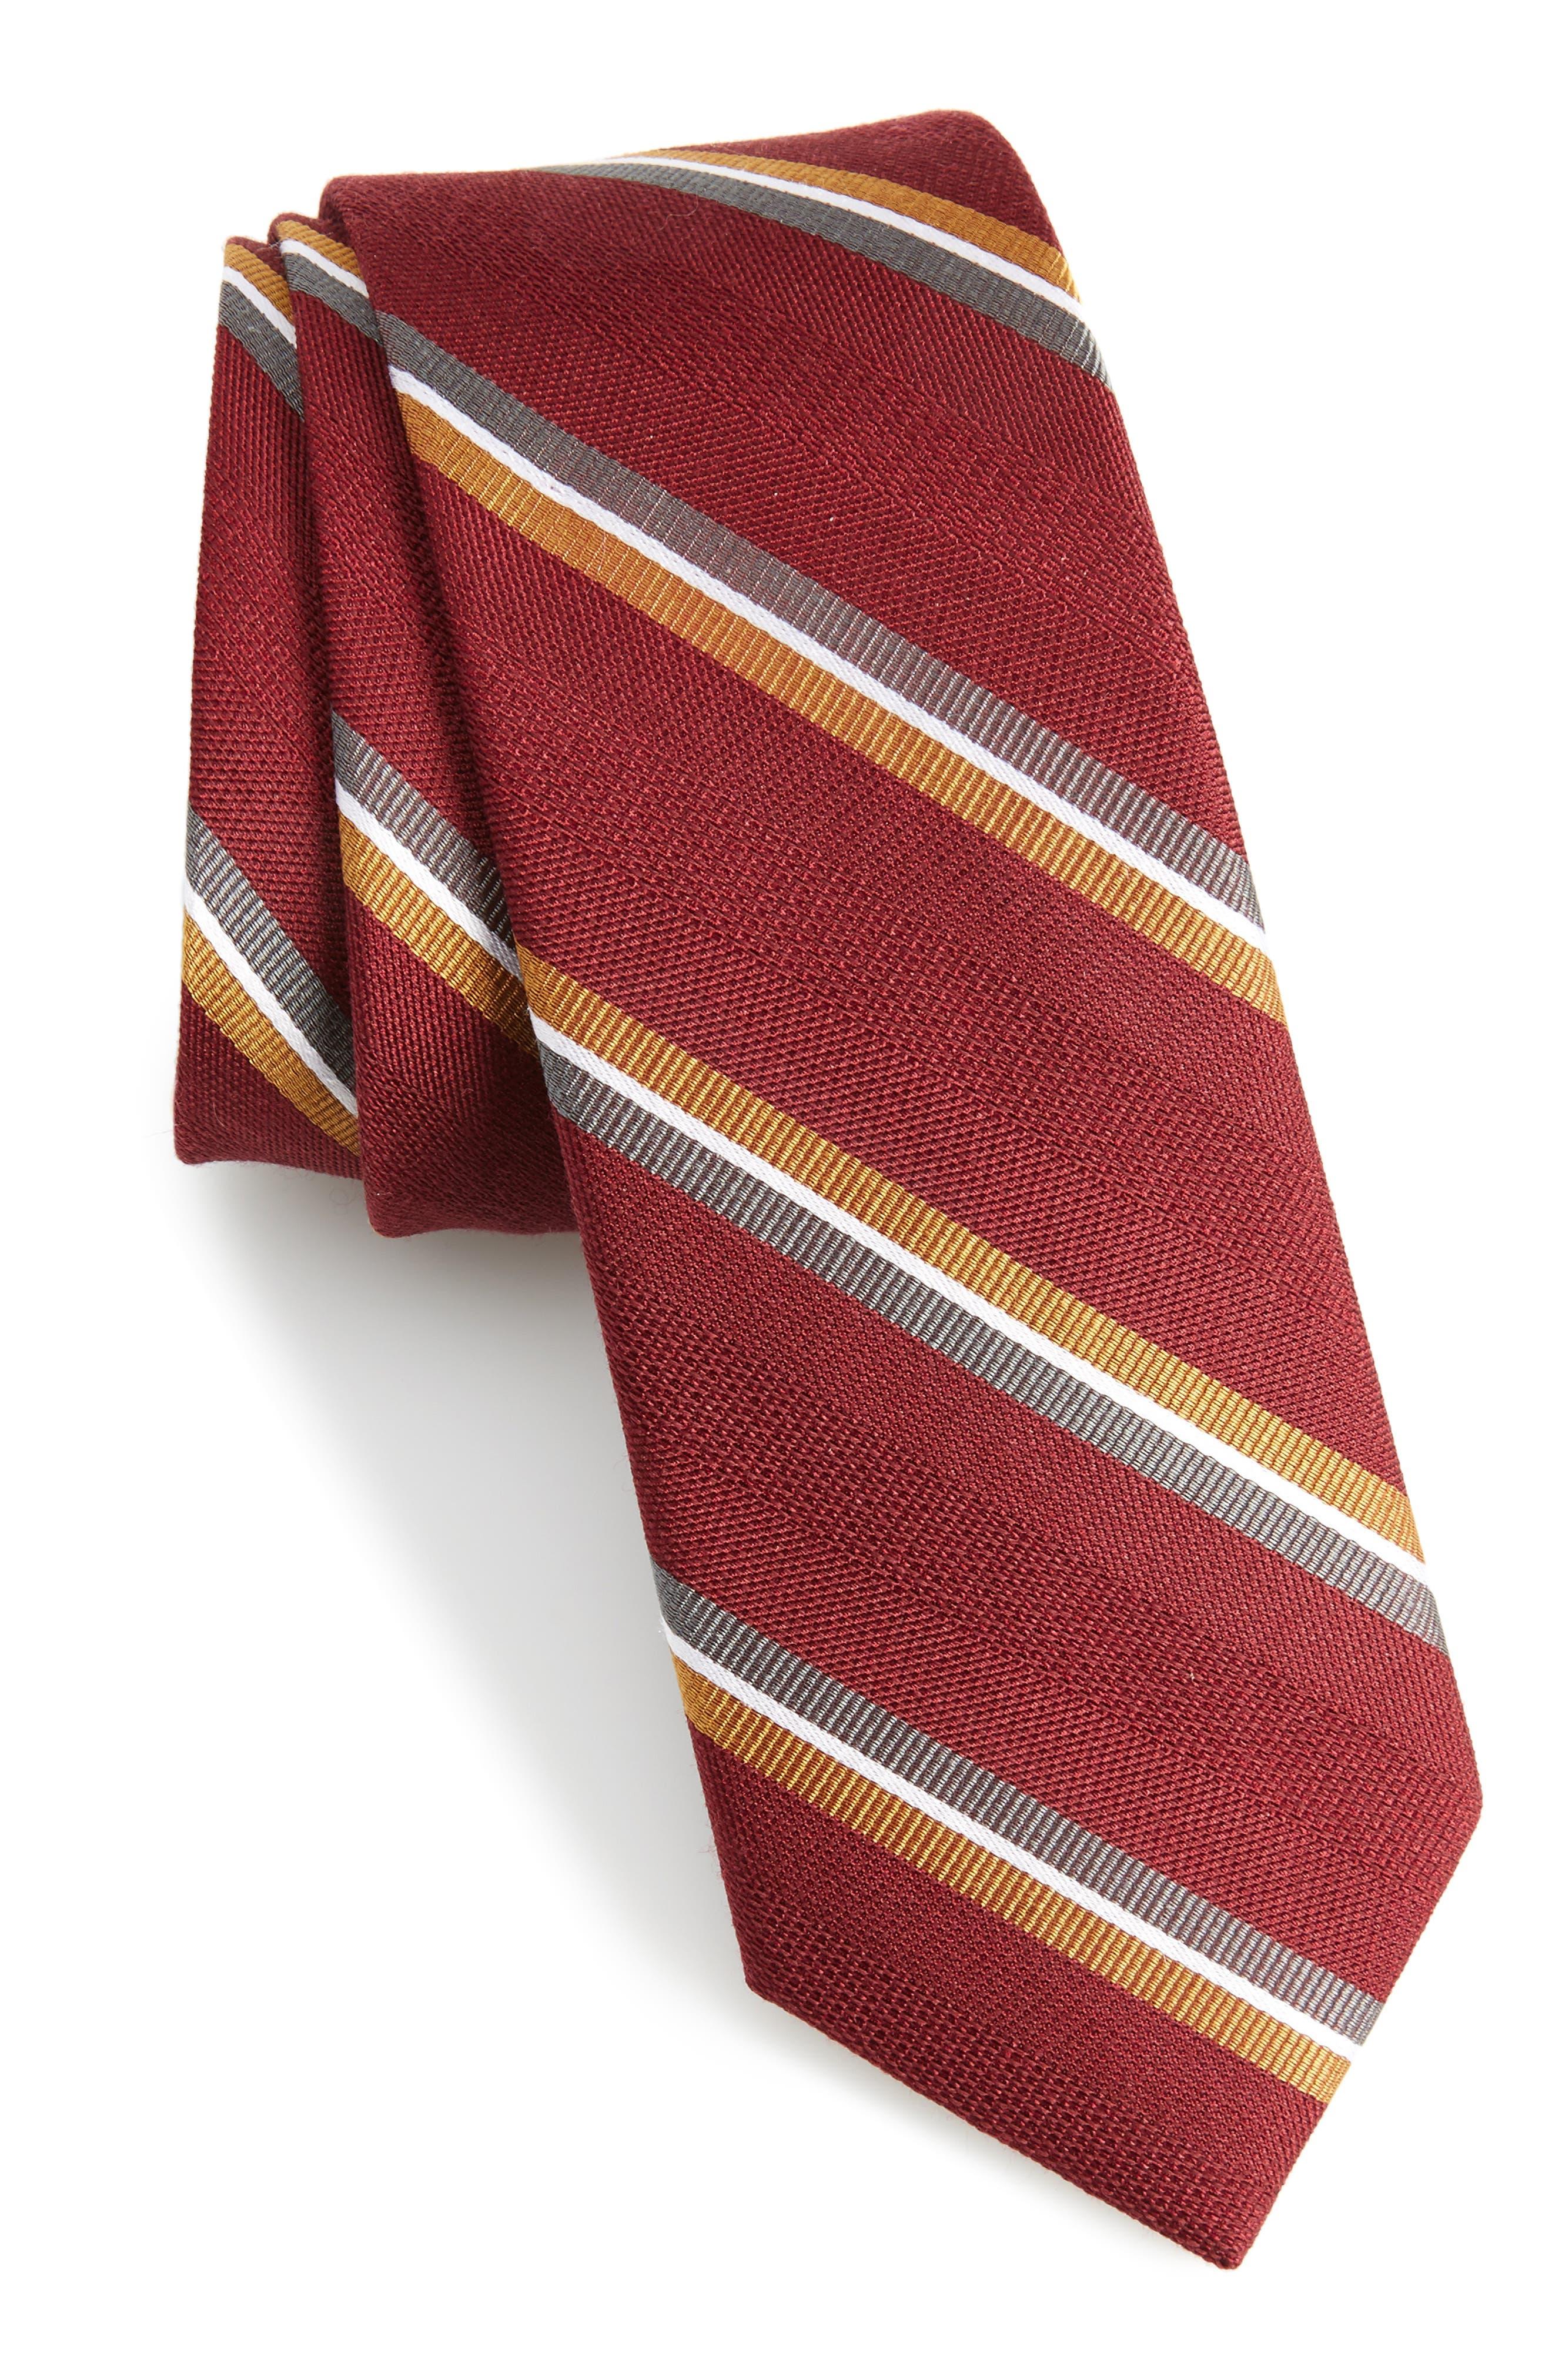 Alternate Image 1 Selected - The Tie Bar Short Cut Stripe Silk & Wool Skinny Tie